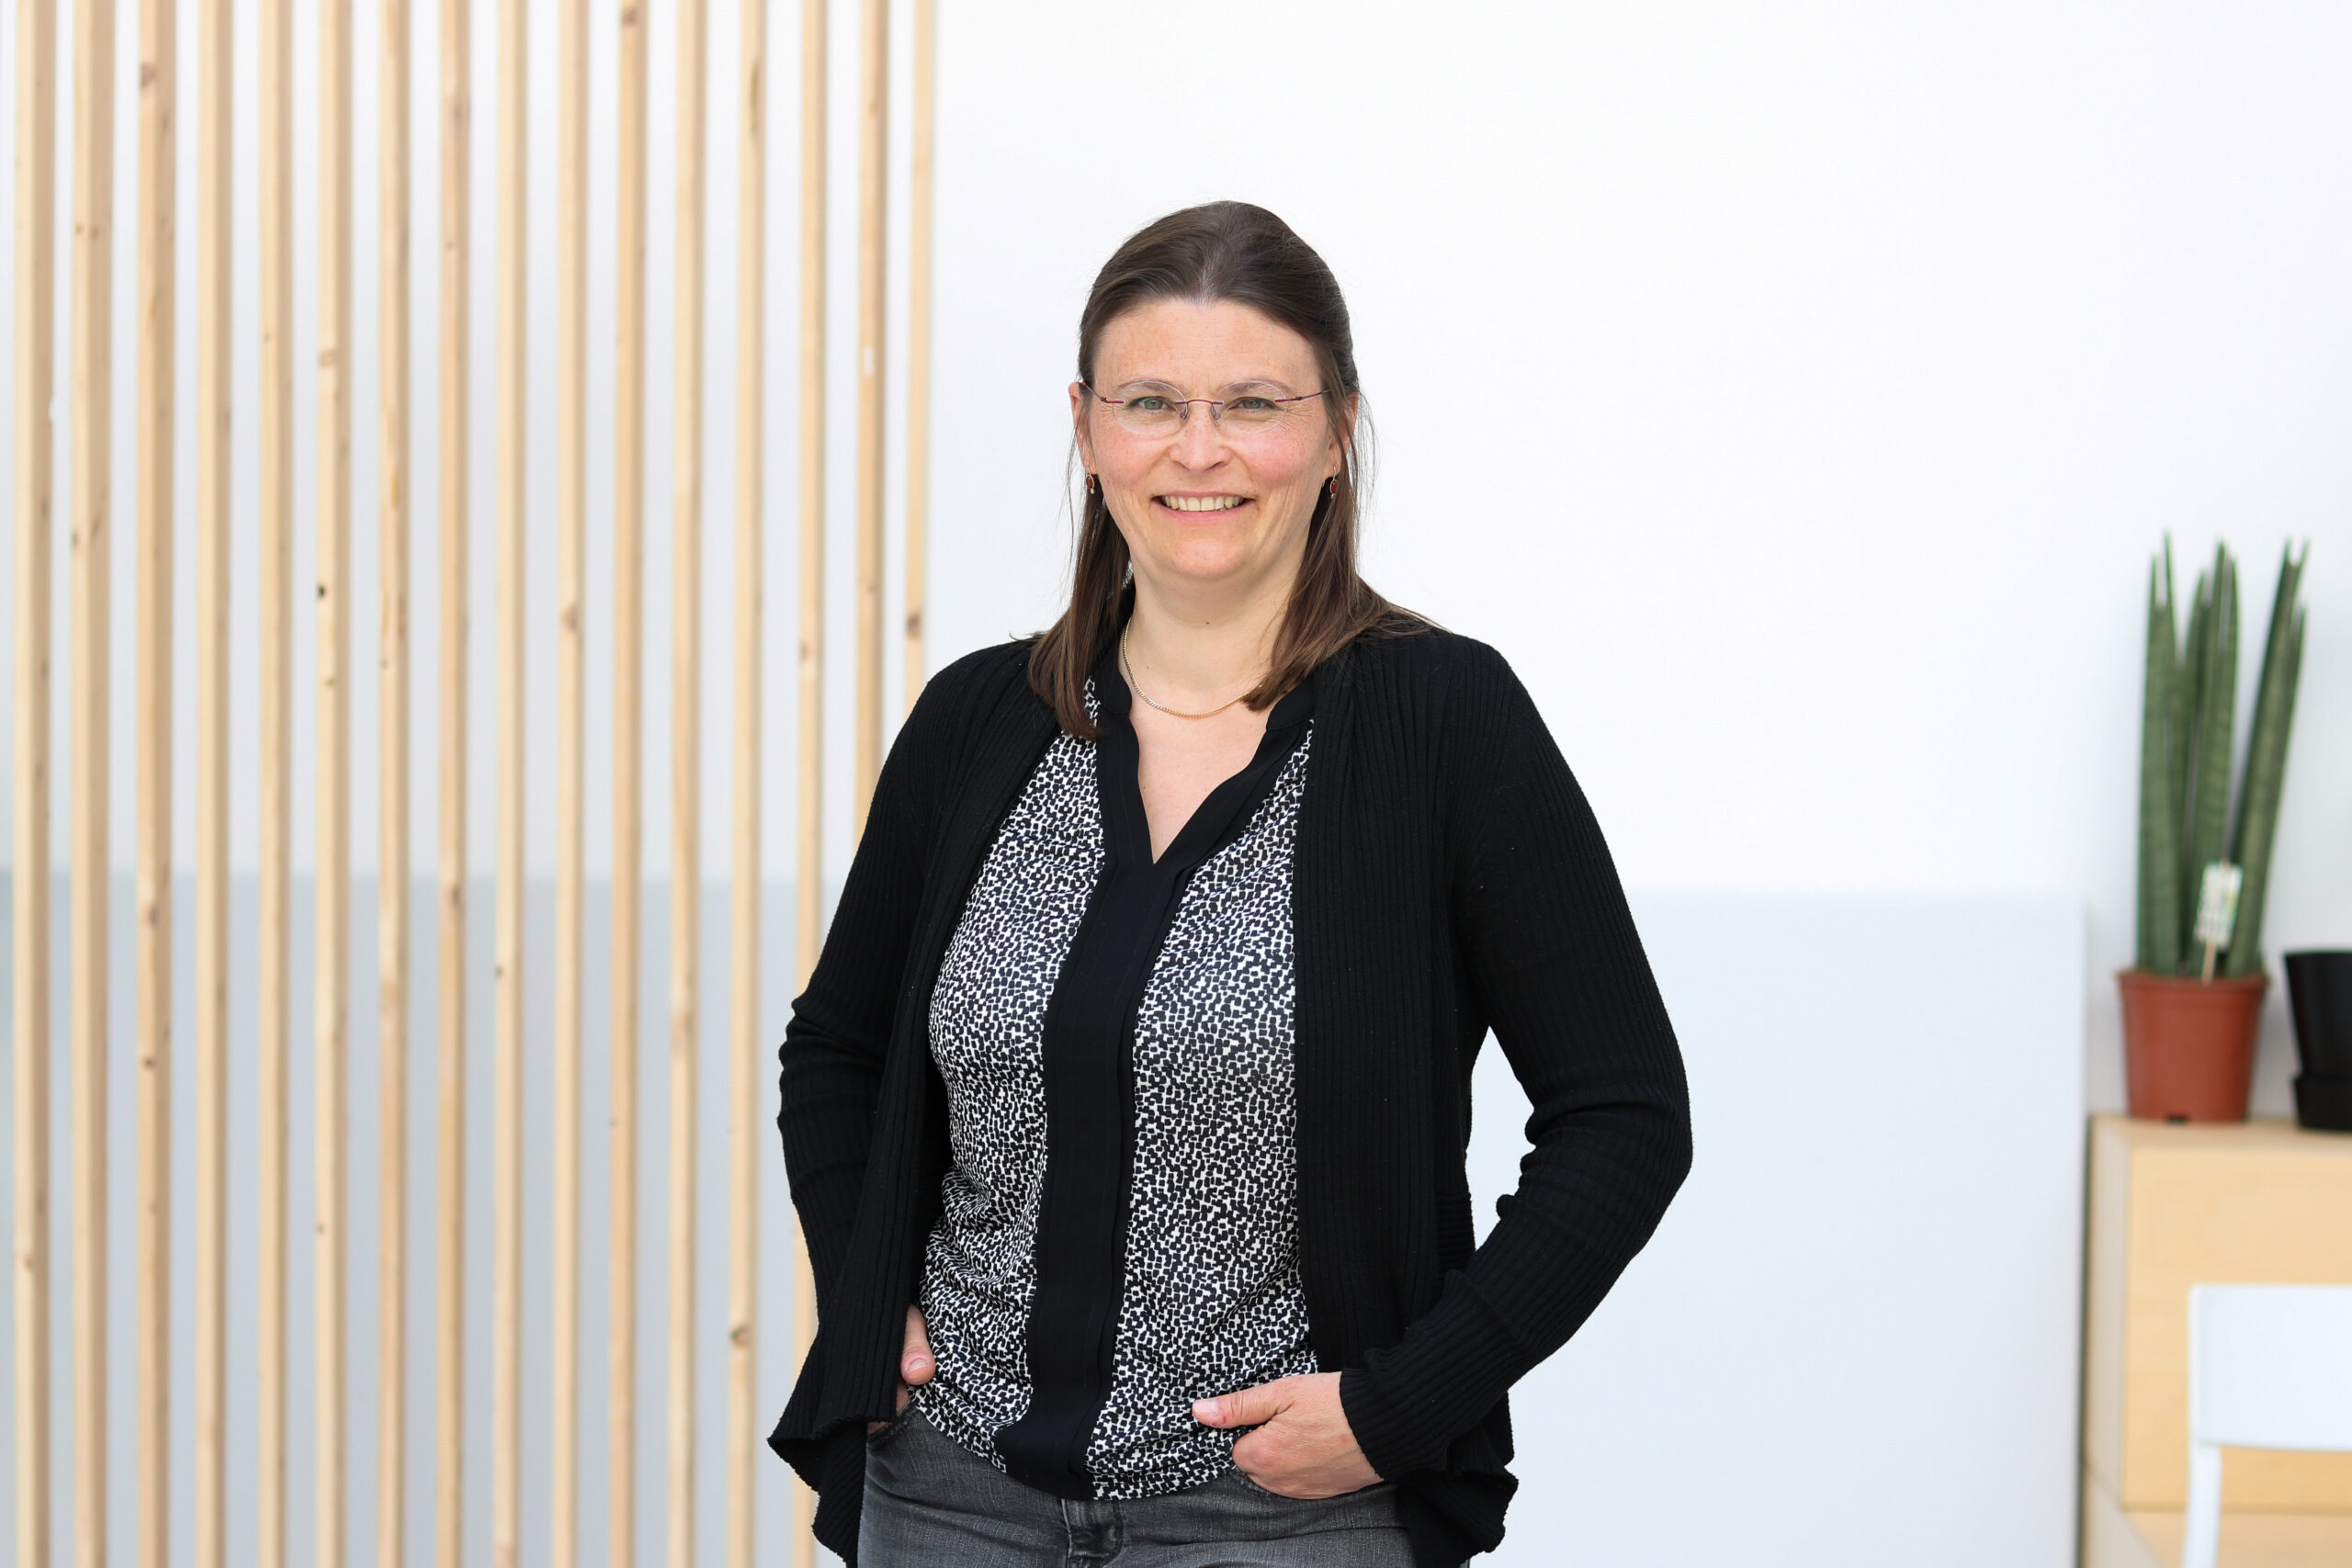 Das Bild zeigt Frau Dr. Lena Oesterlin-Meret vor einer weißen Wand.